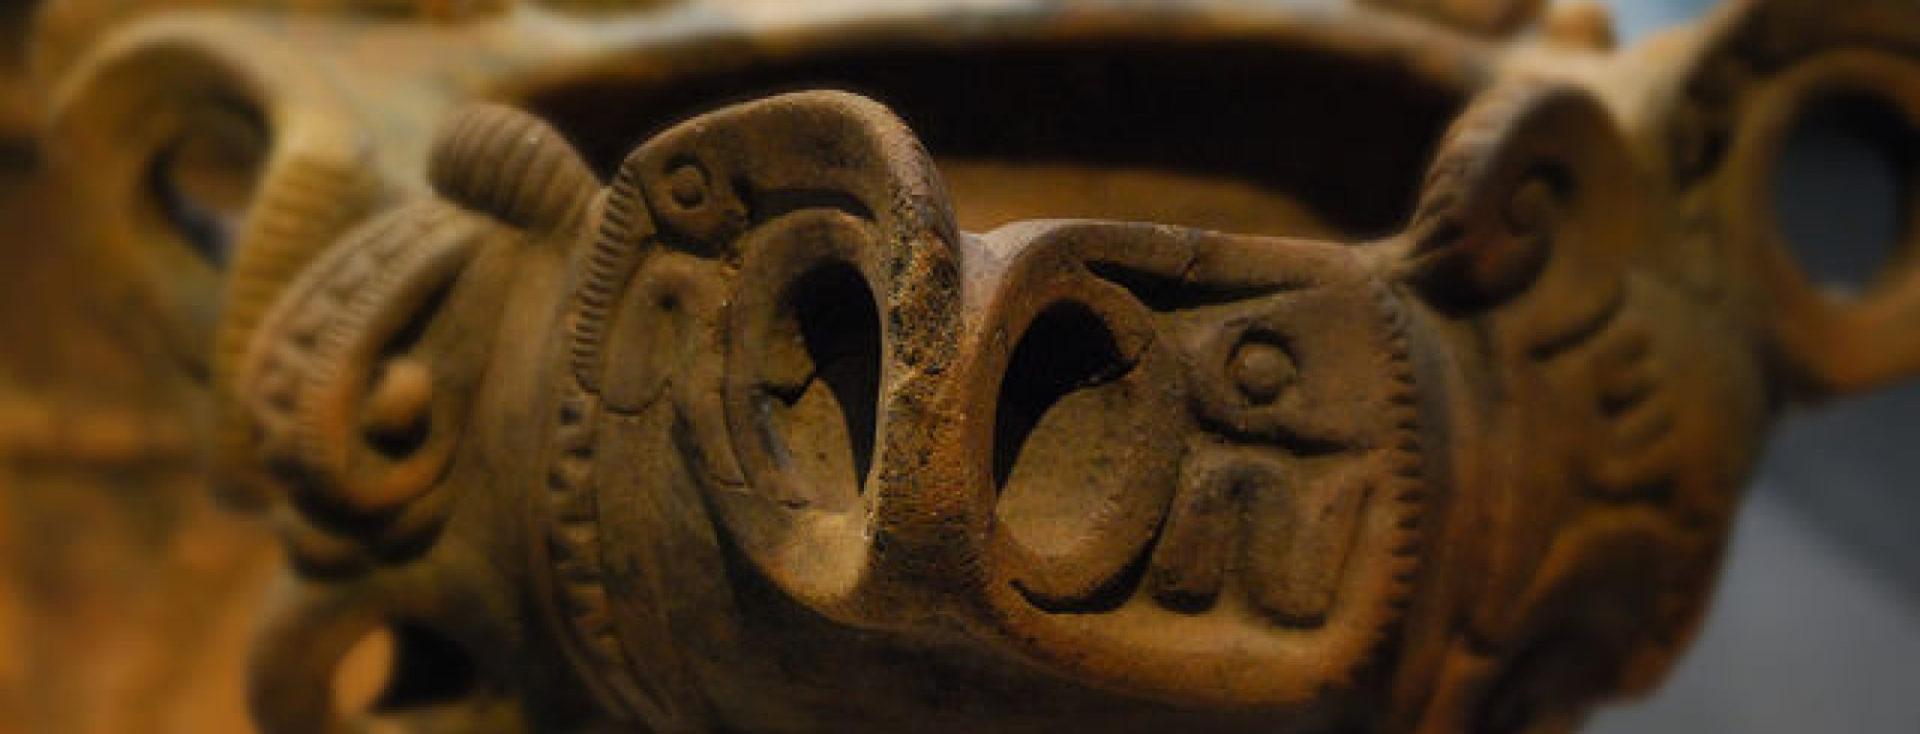 縄文土器の記号世界